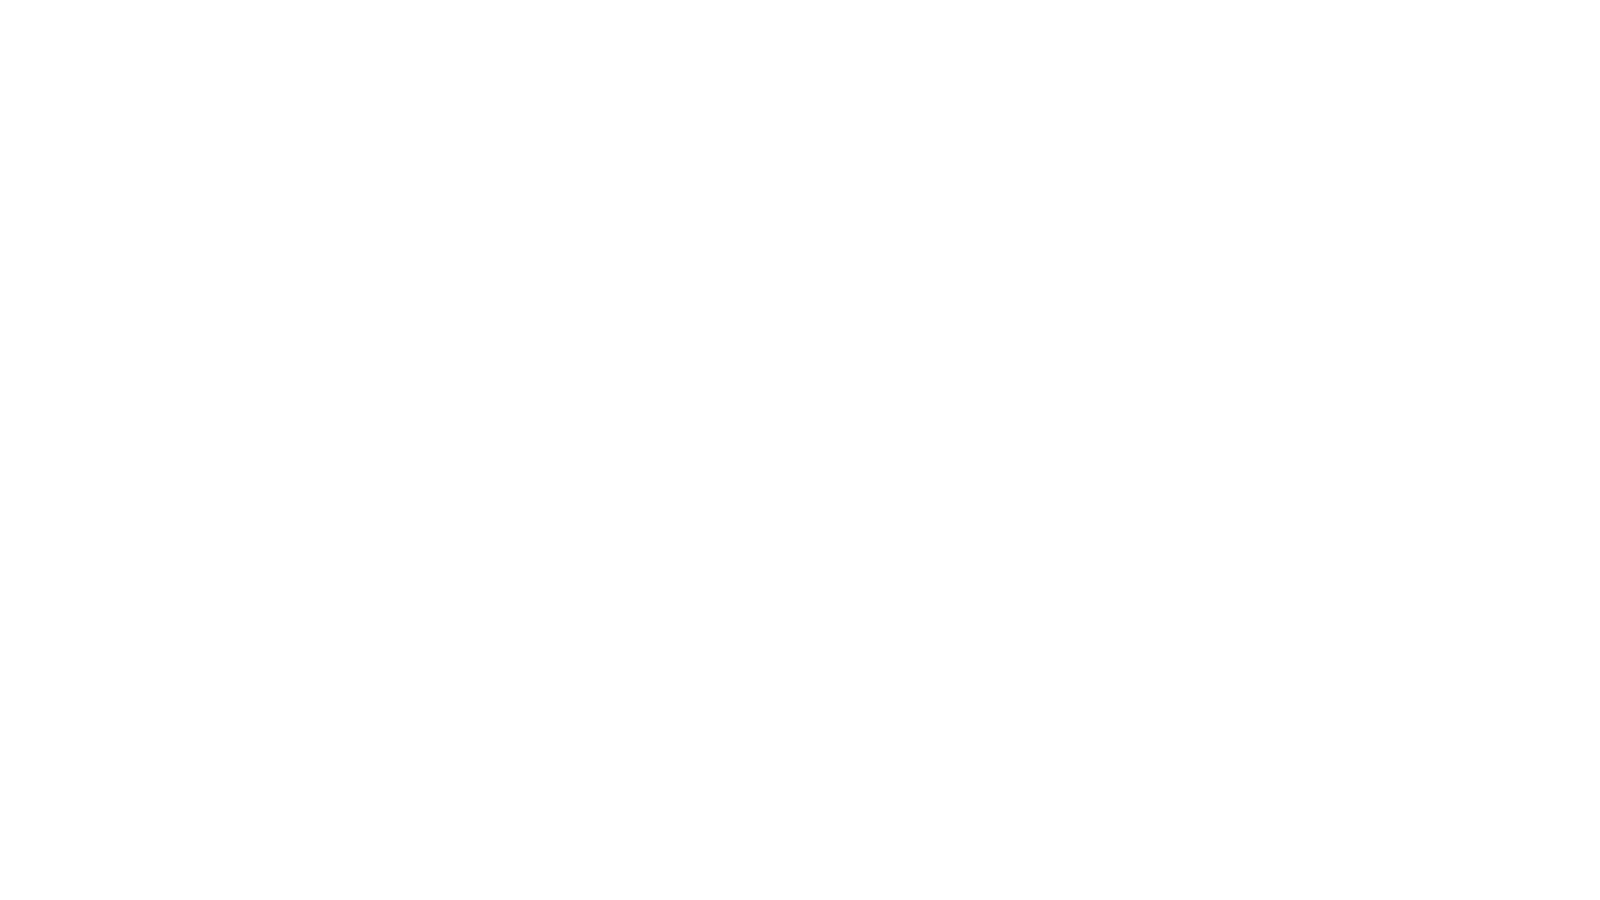 20 ANOS DE RITMO MELODIALink da entrevista: https://www.ritmomelodia.mus.br/entrevistas/marco-antonio-bouquard/Conheça a Revista Ritmo Melodia? Somos o maior banco de dados de entrevistas com músicos brasileiros. Aqui, além de consultar as informações, você pode avaliar e discutir sobre nossas entrevistas e artistas dos mais diversos gêneros, como: forró, samba, pagode, baião, maracatu, reggae, rock, pop, mpb, brega, sertanejo, caipira, bossa nova, rap e muito mais.Já entrevistamos artistas como: Gilberto Gil, Dominguinhos, Sivuca, Tribo de Jah, Zé Rodrix, Yamandu Costa, Papete, Geraldo Vandré, Nelson Faria, Paulinho da Viola, Nelson Sargento, Hyldon, Wilson Curia, entre tantos outros, todo mês temos muitas outras novas.https://www.ritmomelodia.mus.br